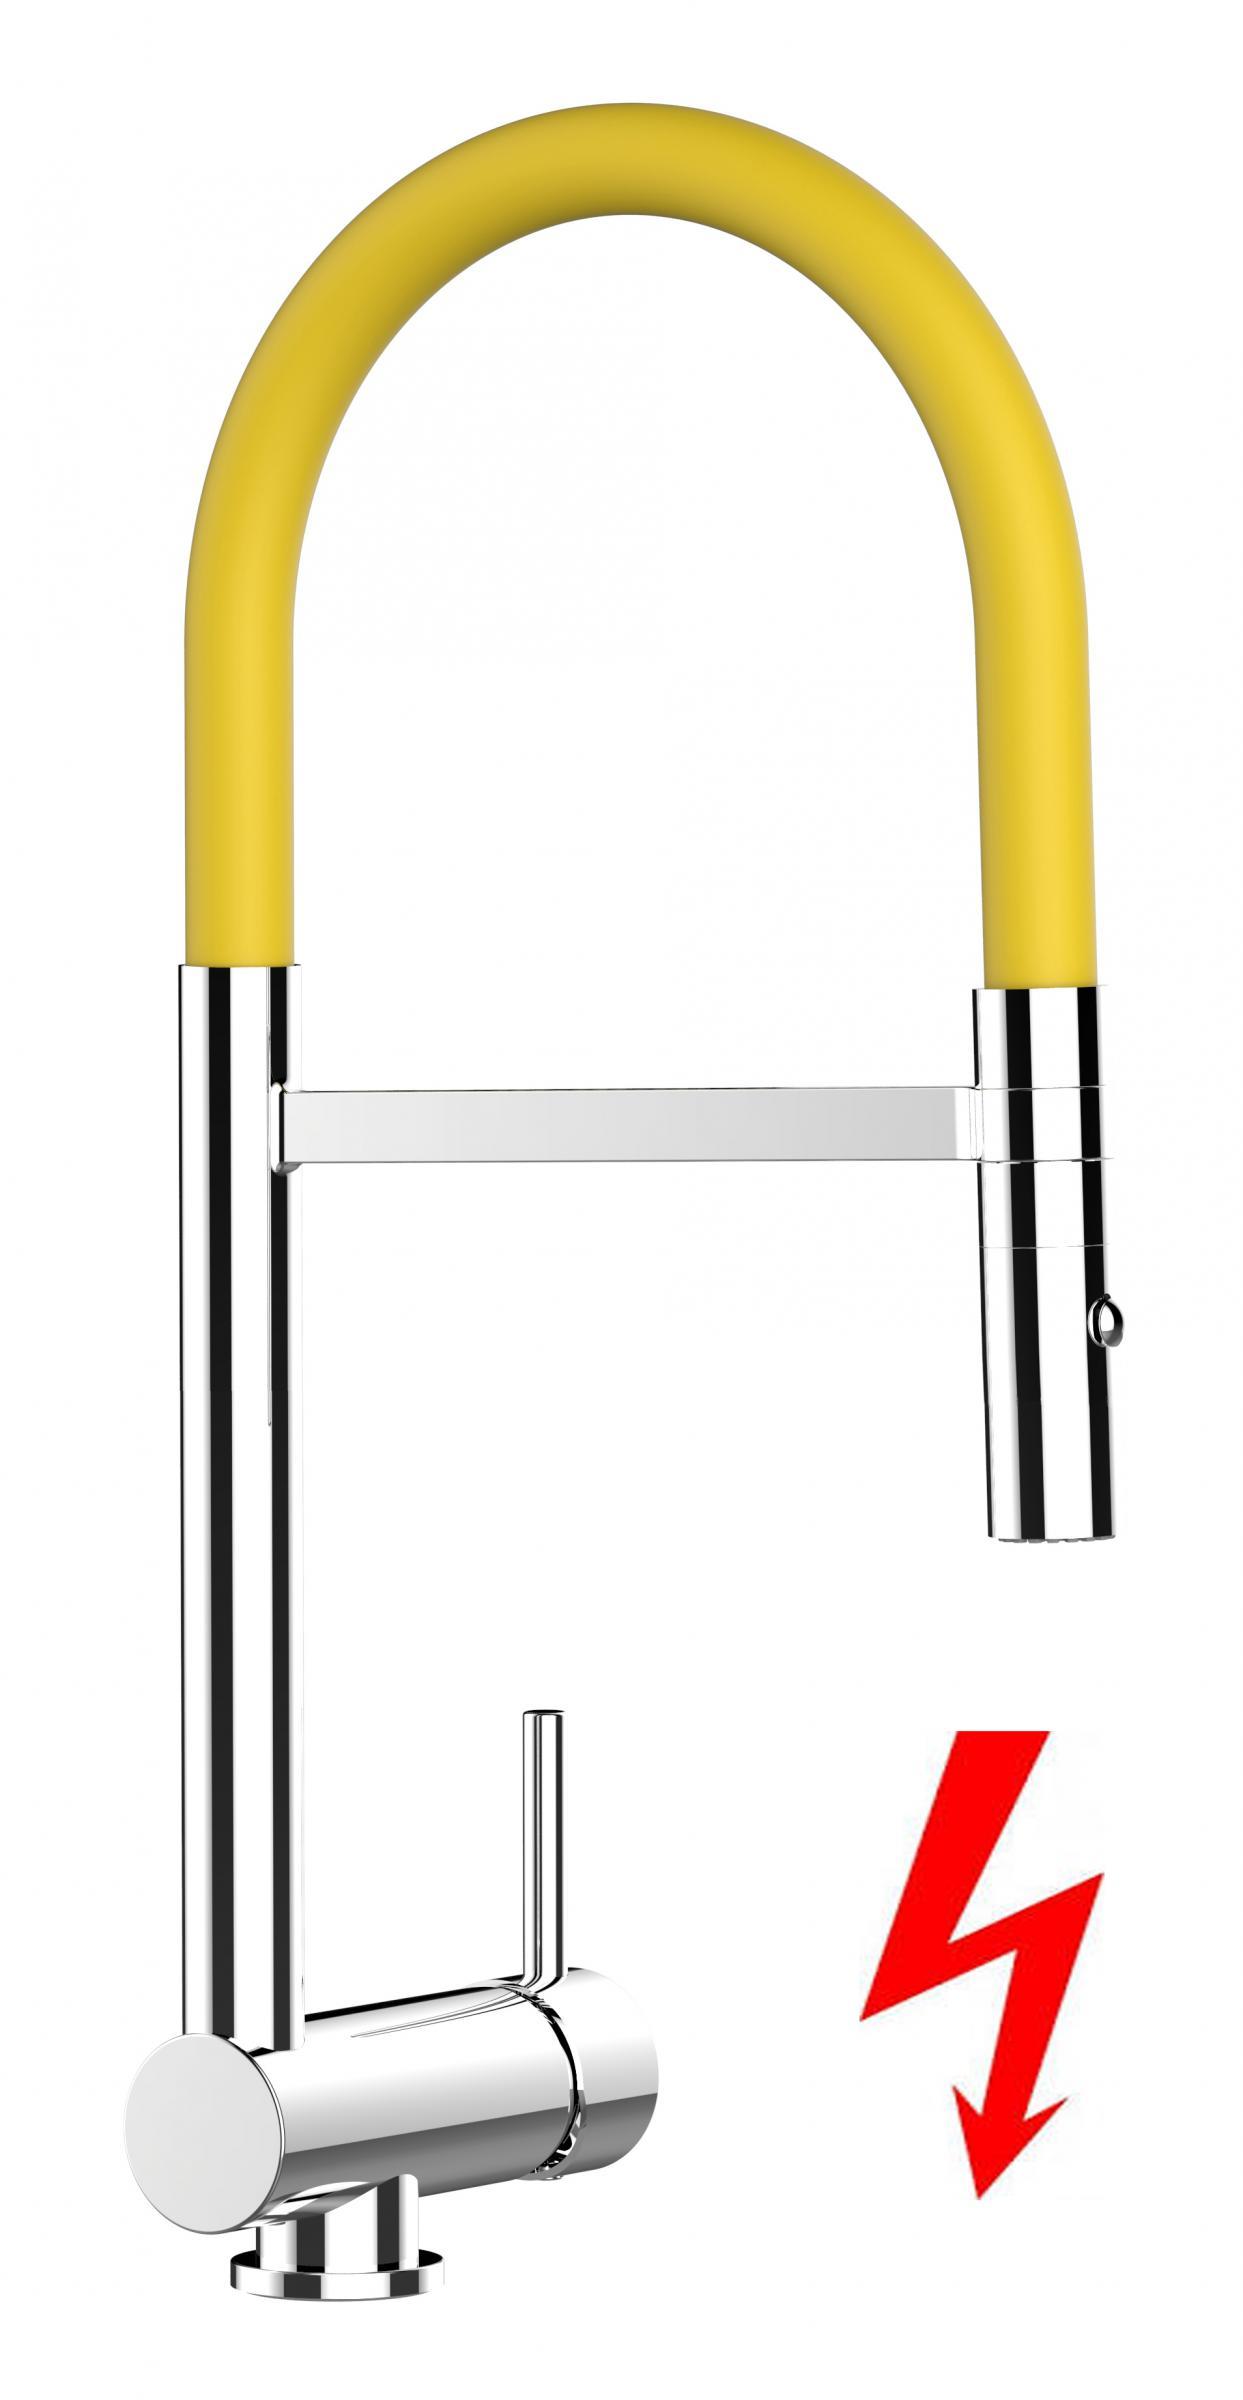 gelb NIEDERDRUCK Küchenarmatur Edelstahl-Stahlfeder Chrom - 2 strahl ...